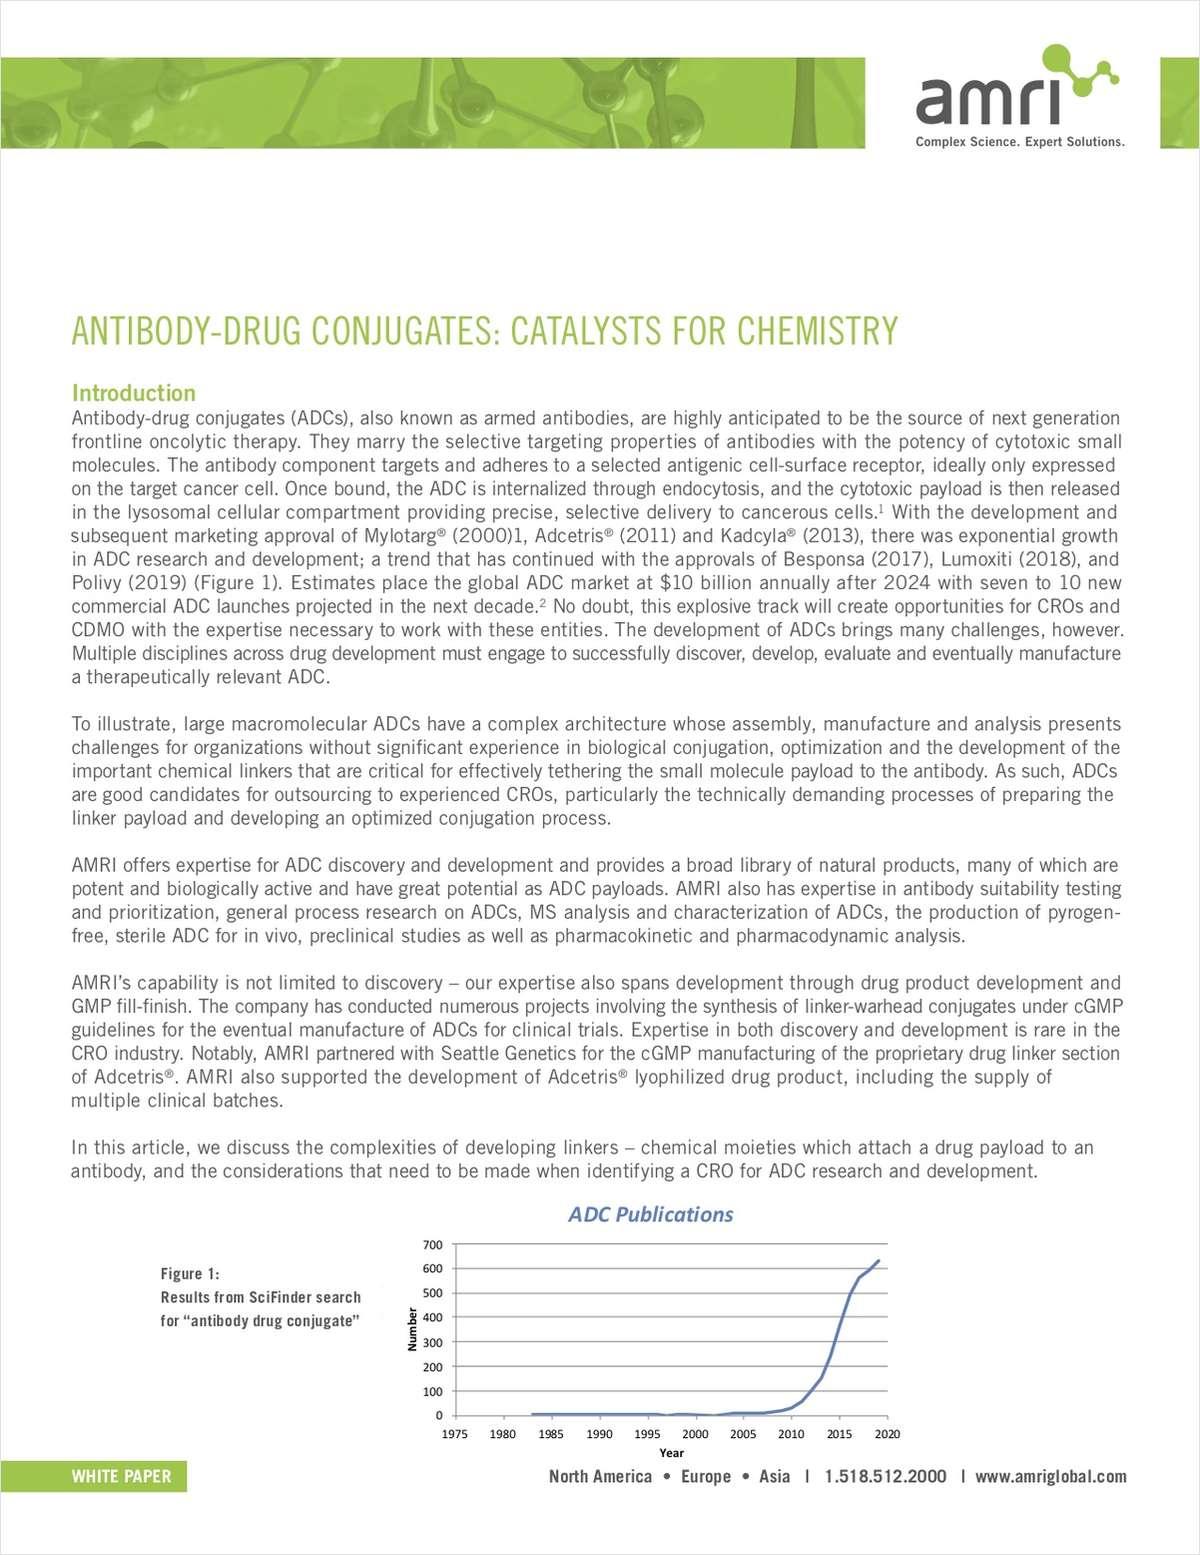 Antibody-Drug Conjugates: Catalysts for Chemistry